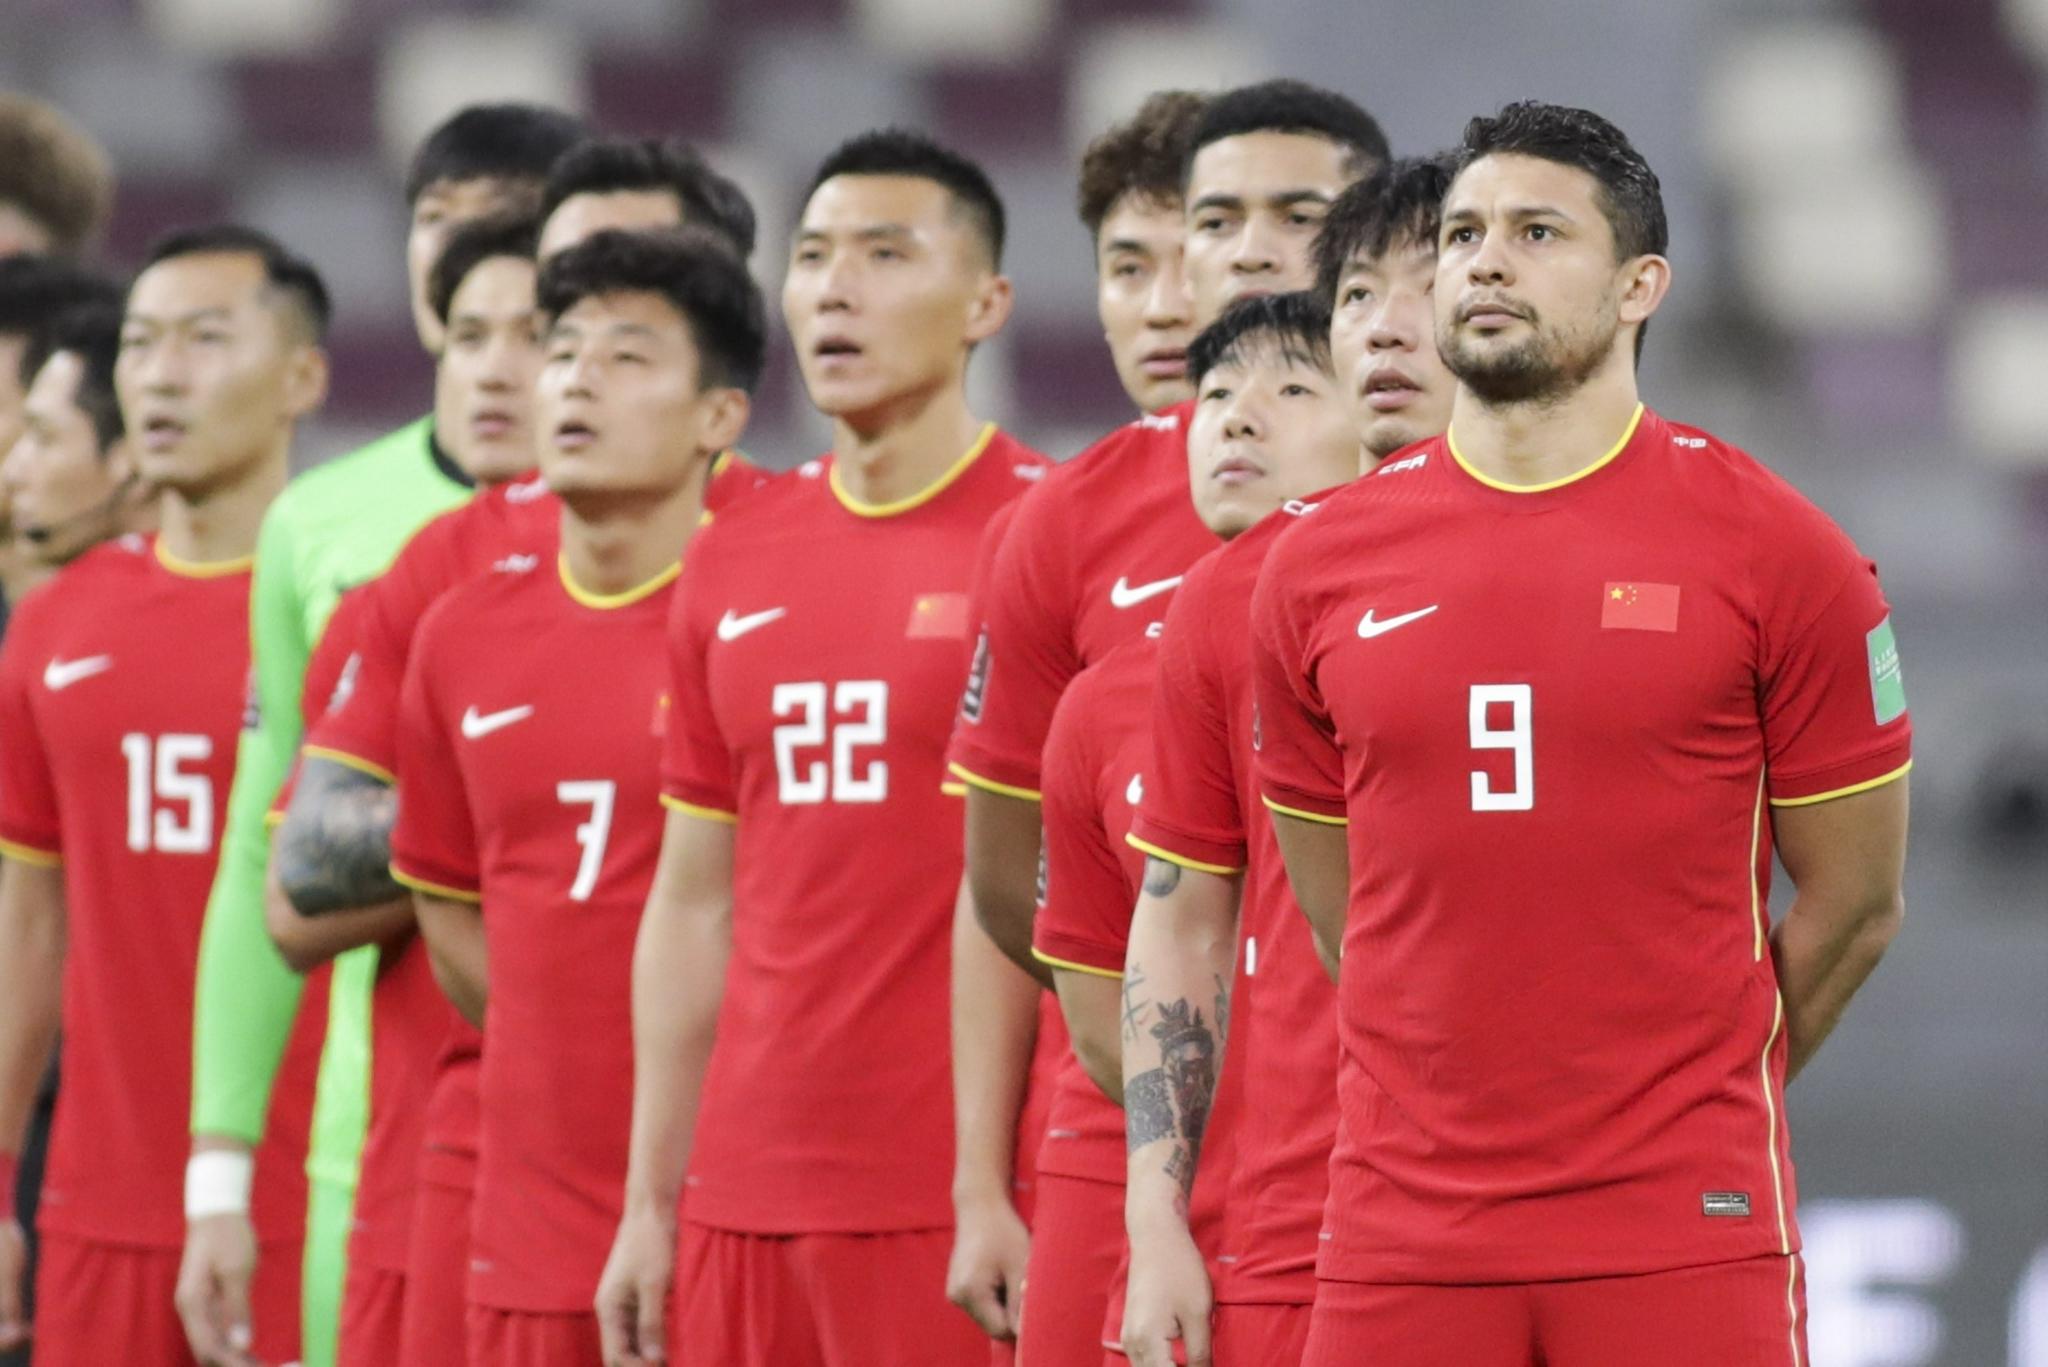 国足难赢越南,两场比赛全面落后对手,需要谨防越南一点